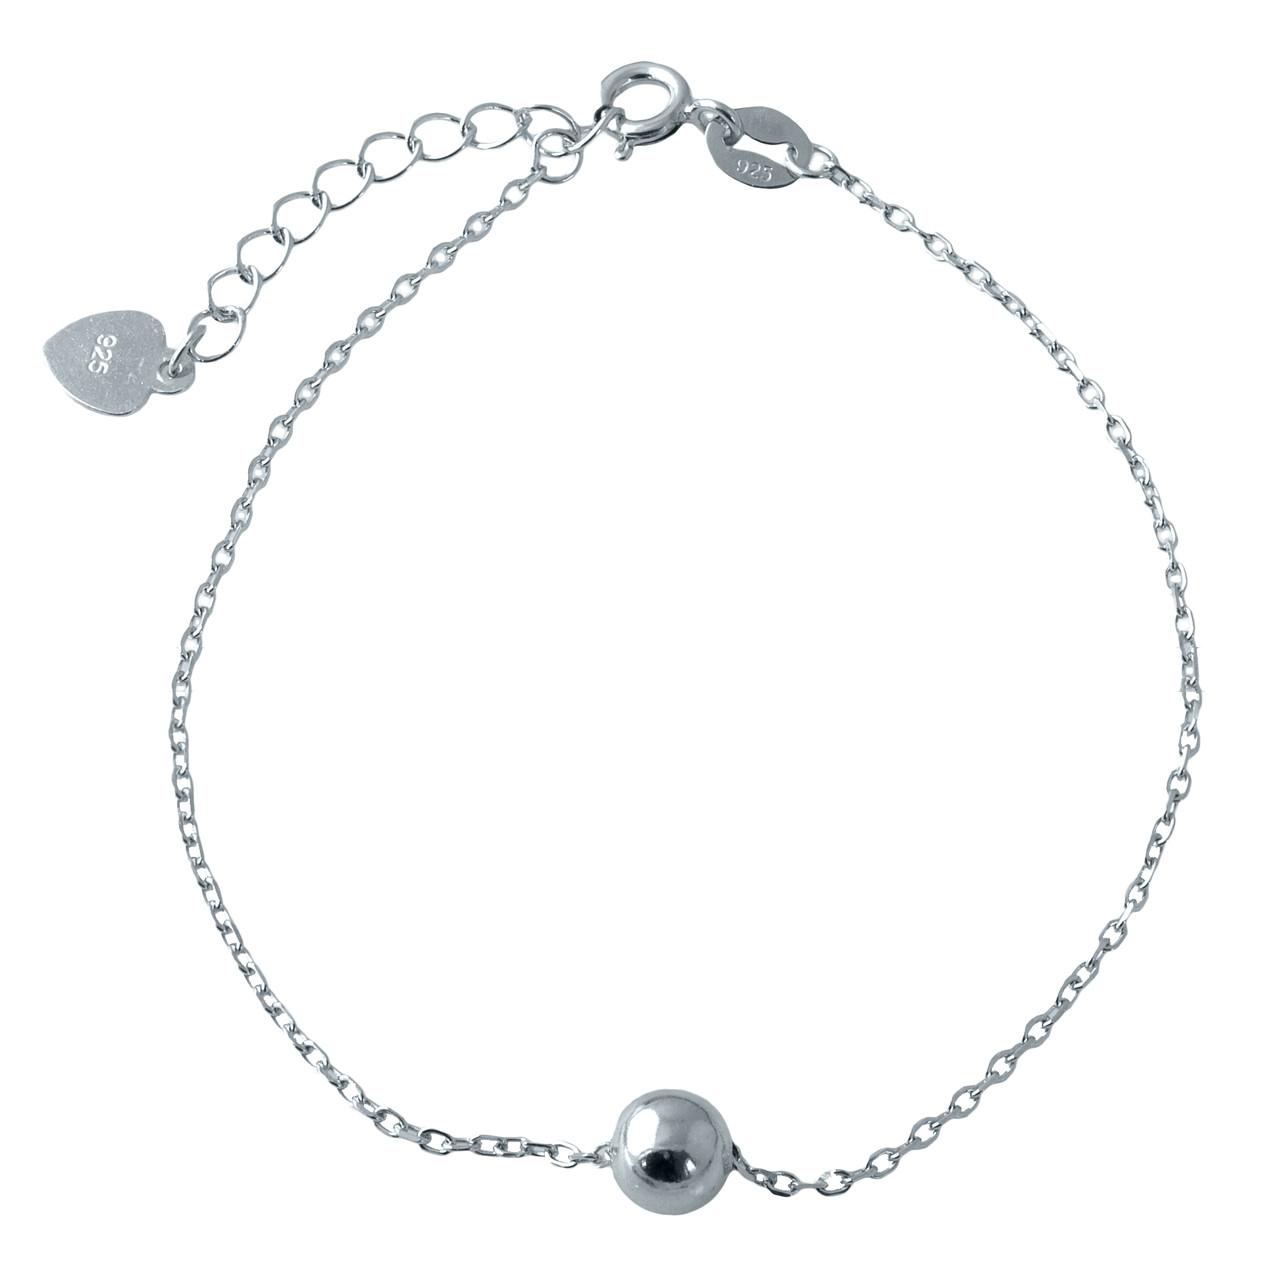 Серебряный браслет SilverBreeze без камней (1983140)